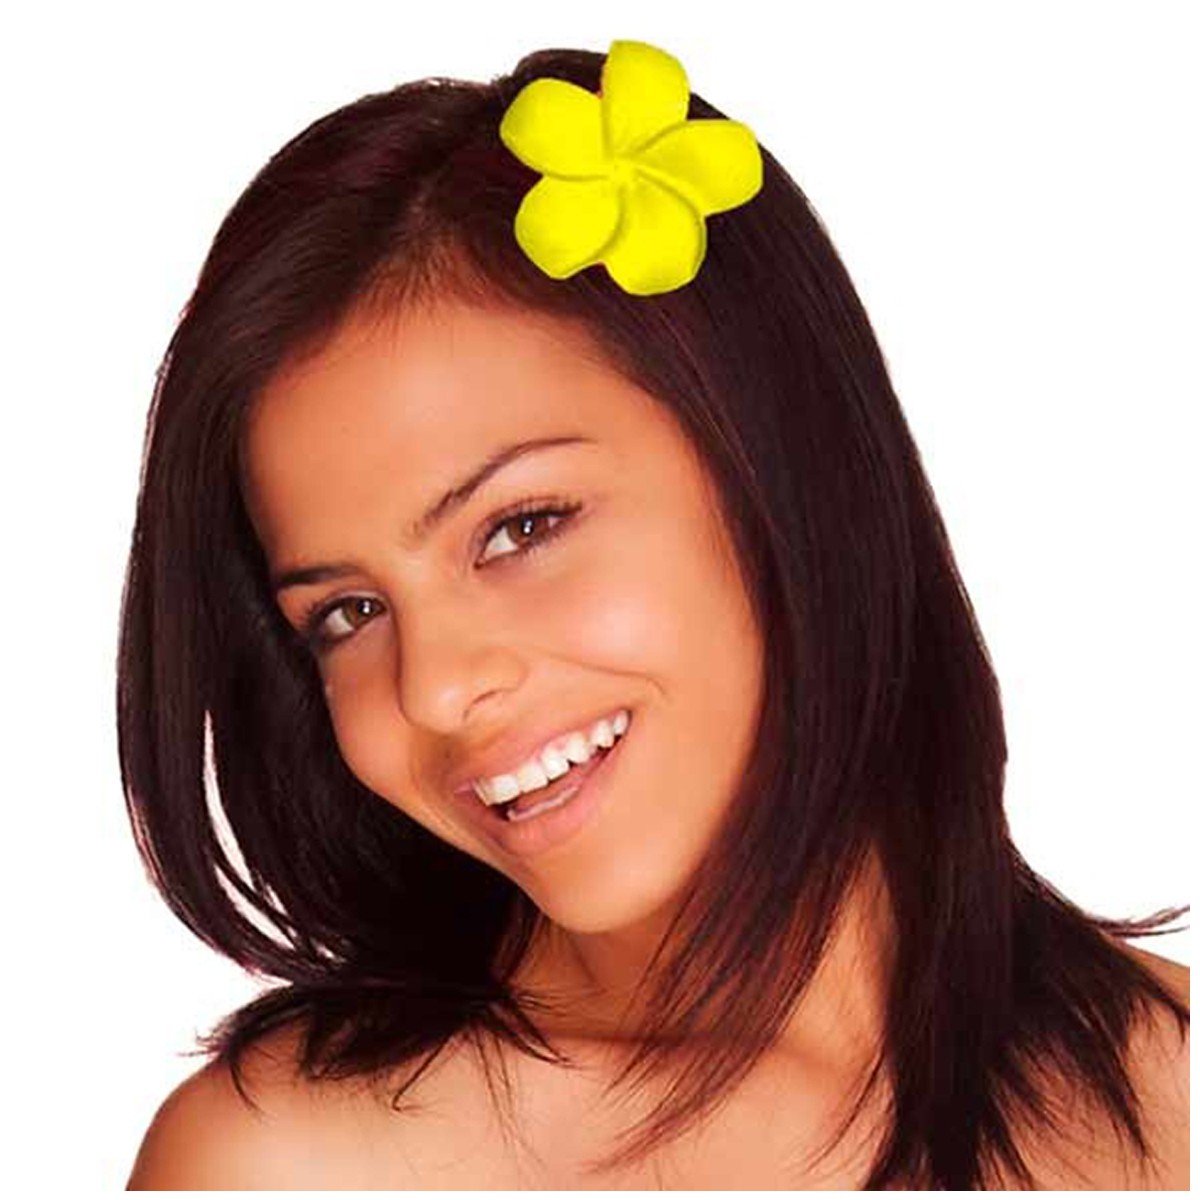 Pince fleur \'Vahiné\' jaune - 5 cm - [Q5874]